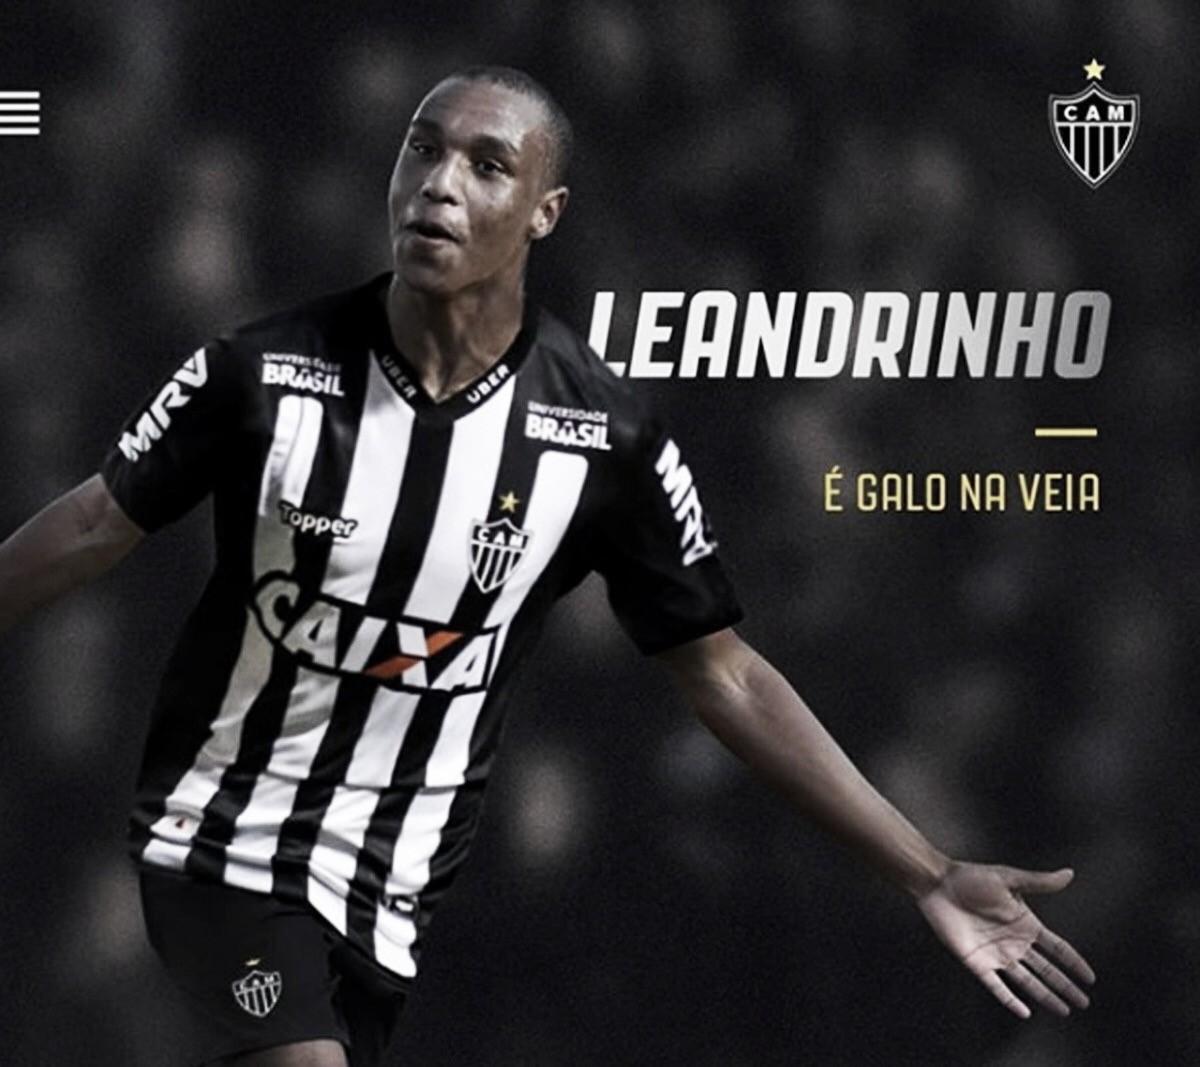 Atlético-MG oficializa contratação do atacante Leandrinho junto ao Napoli